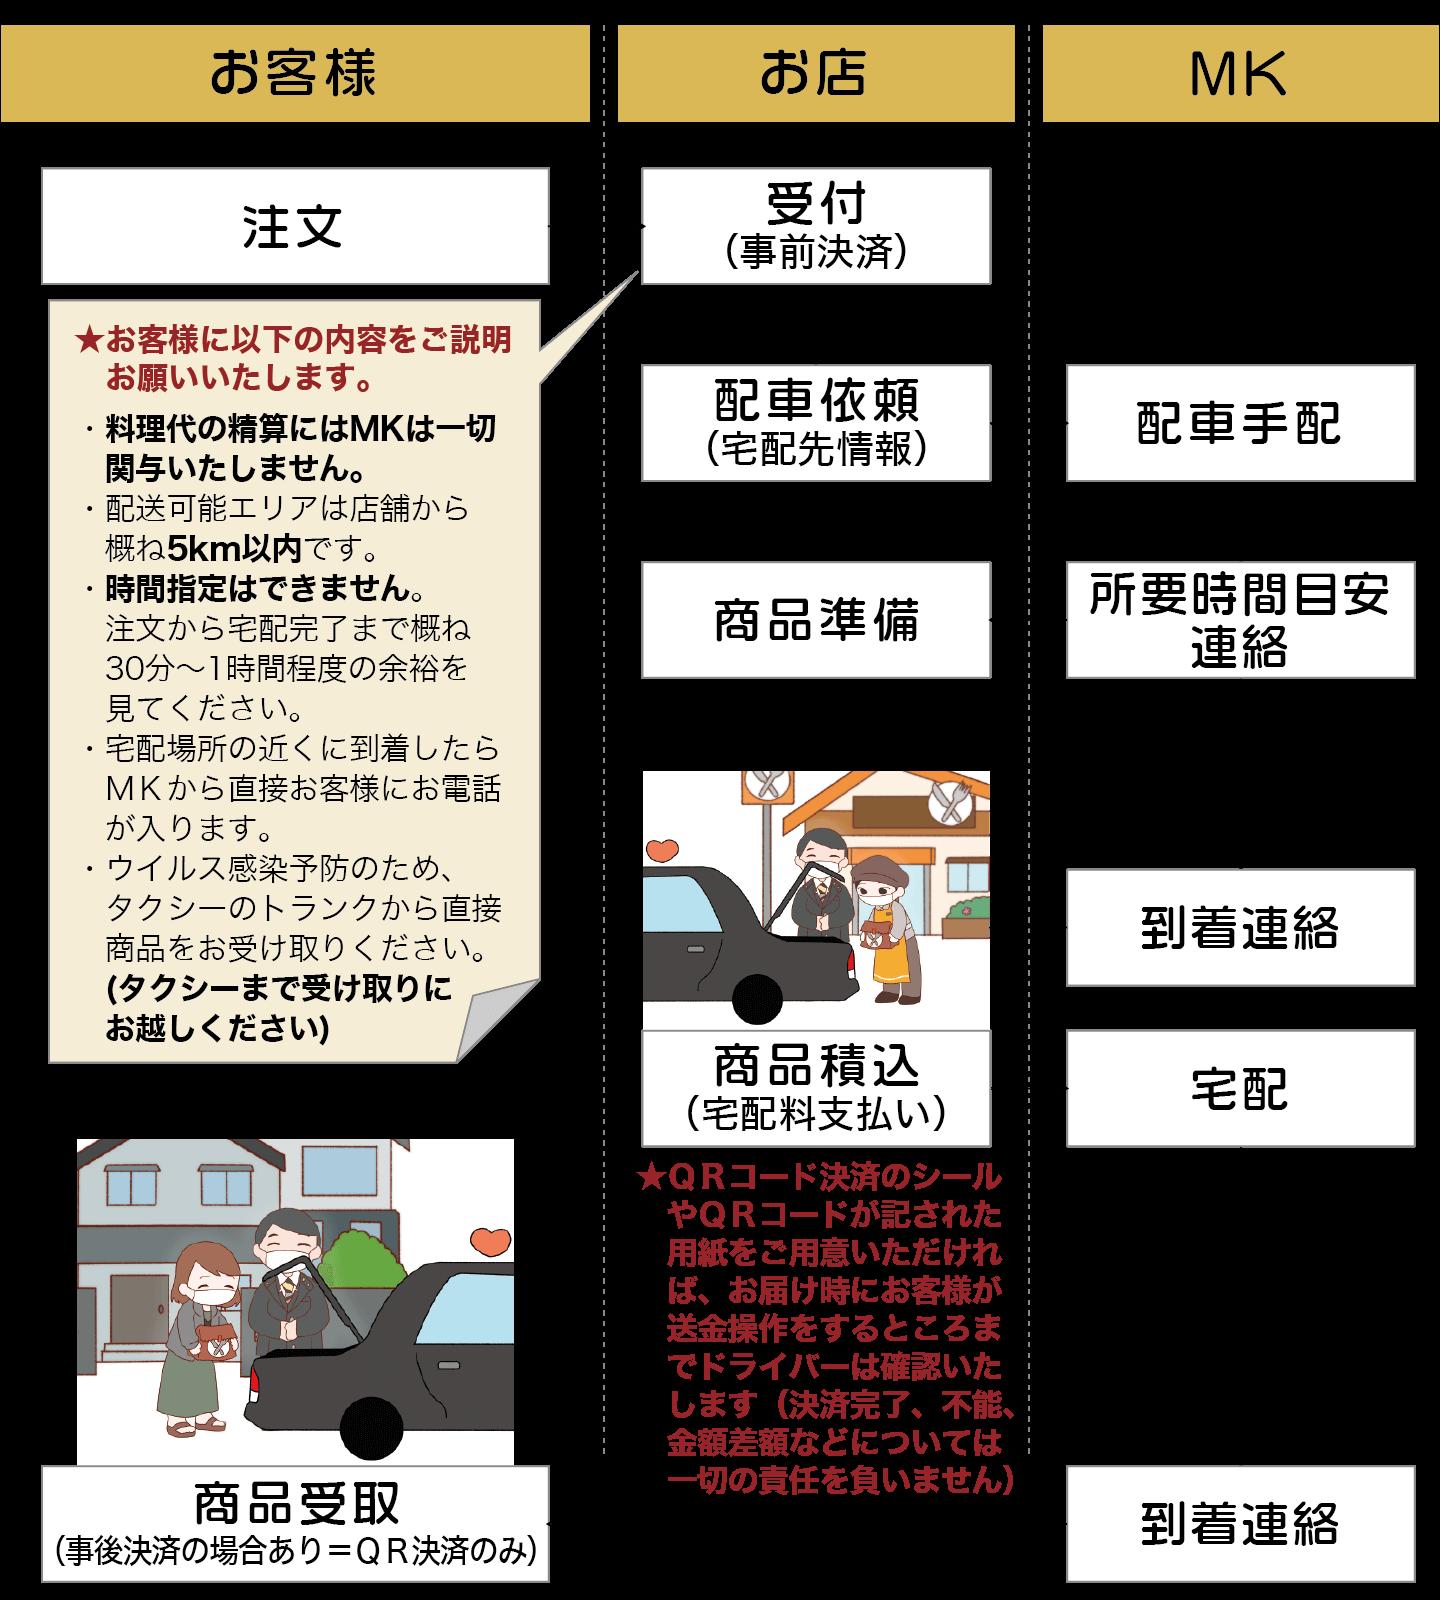 MKのタク配の注文イメージ